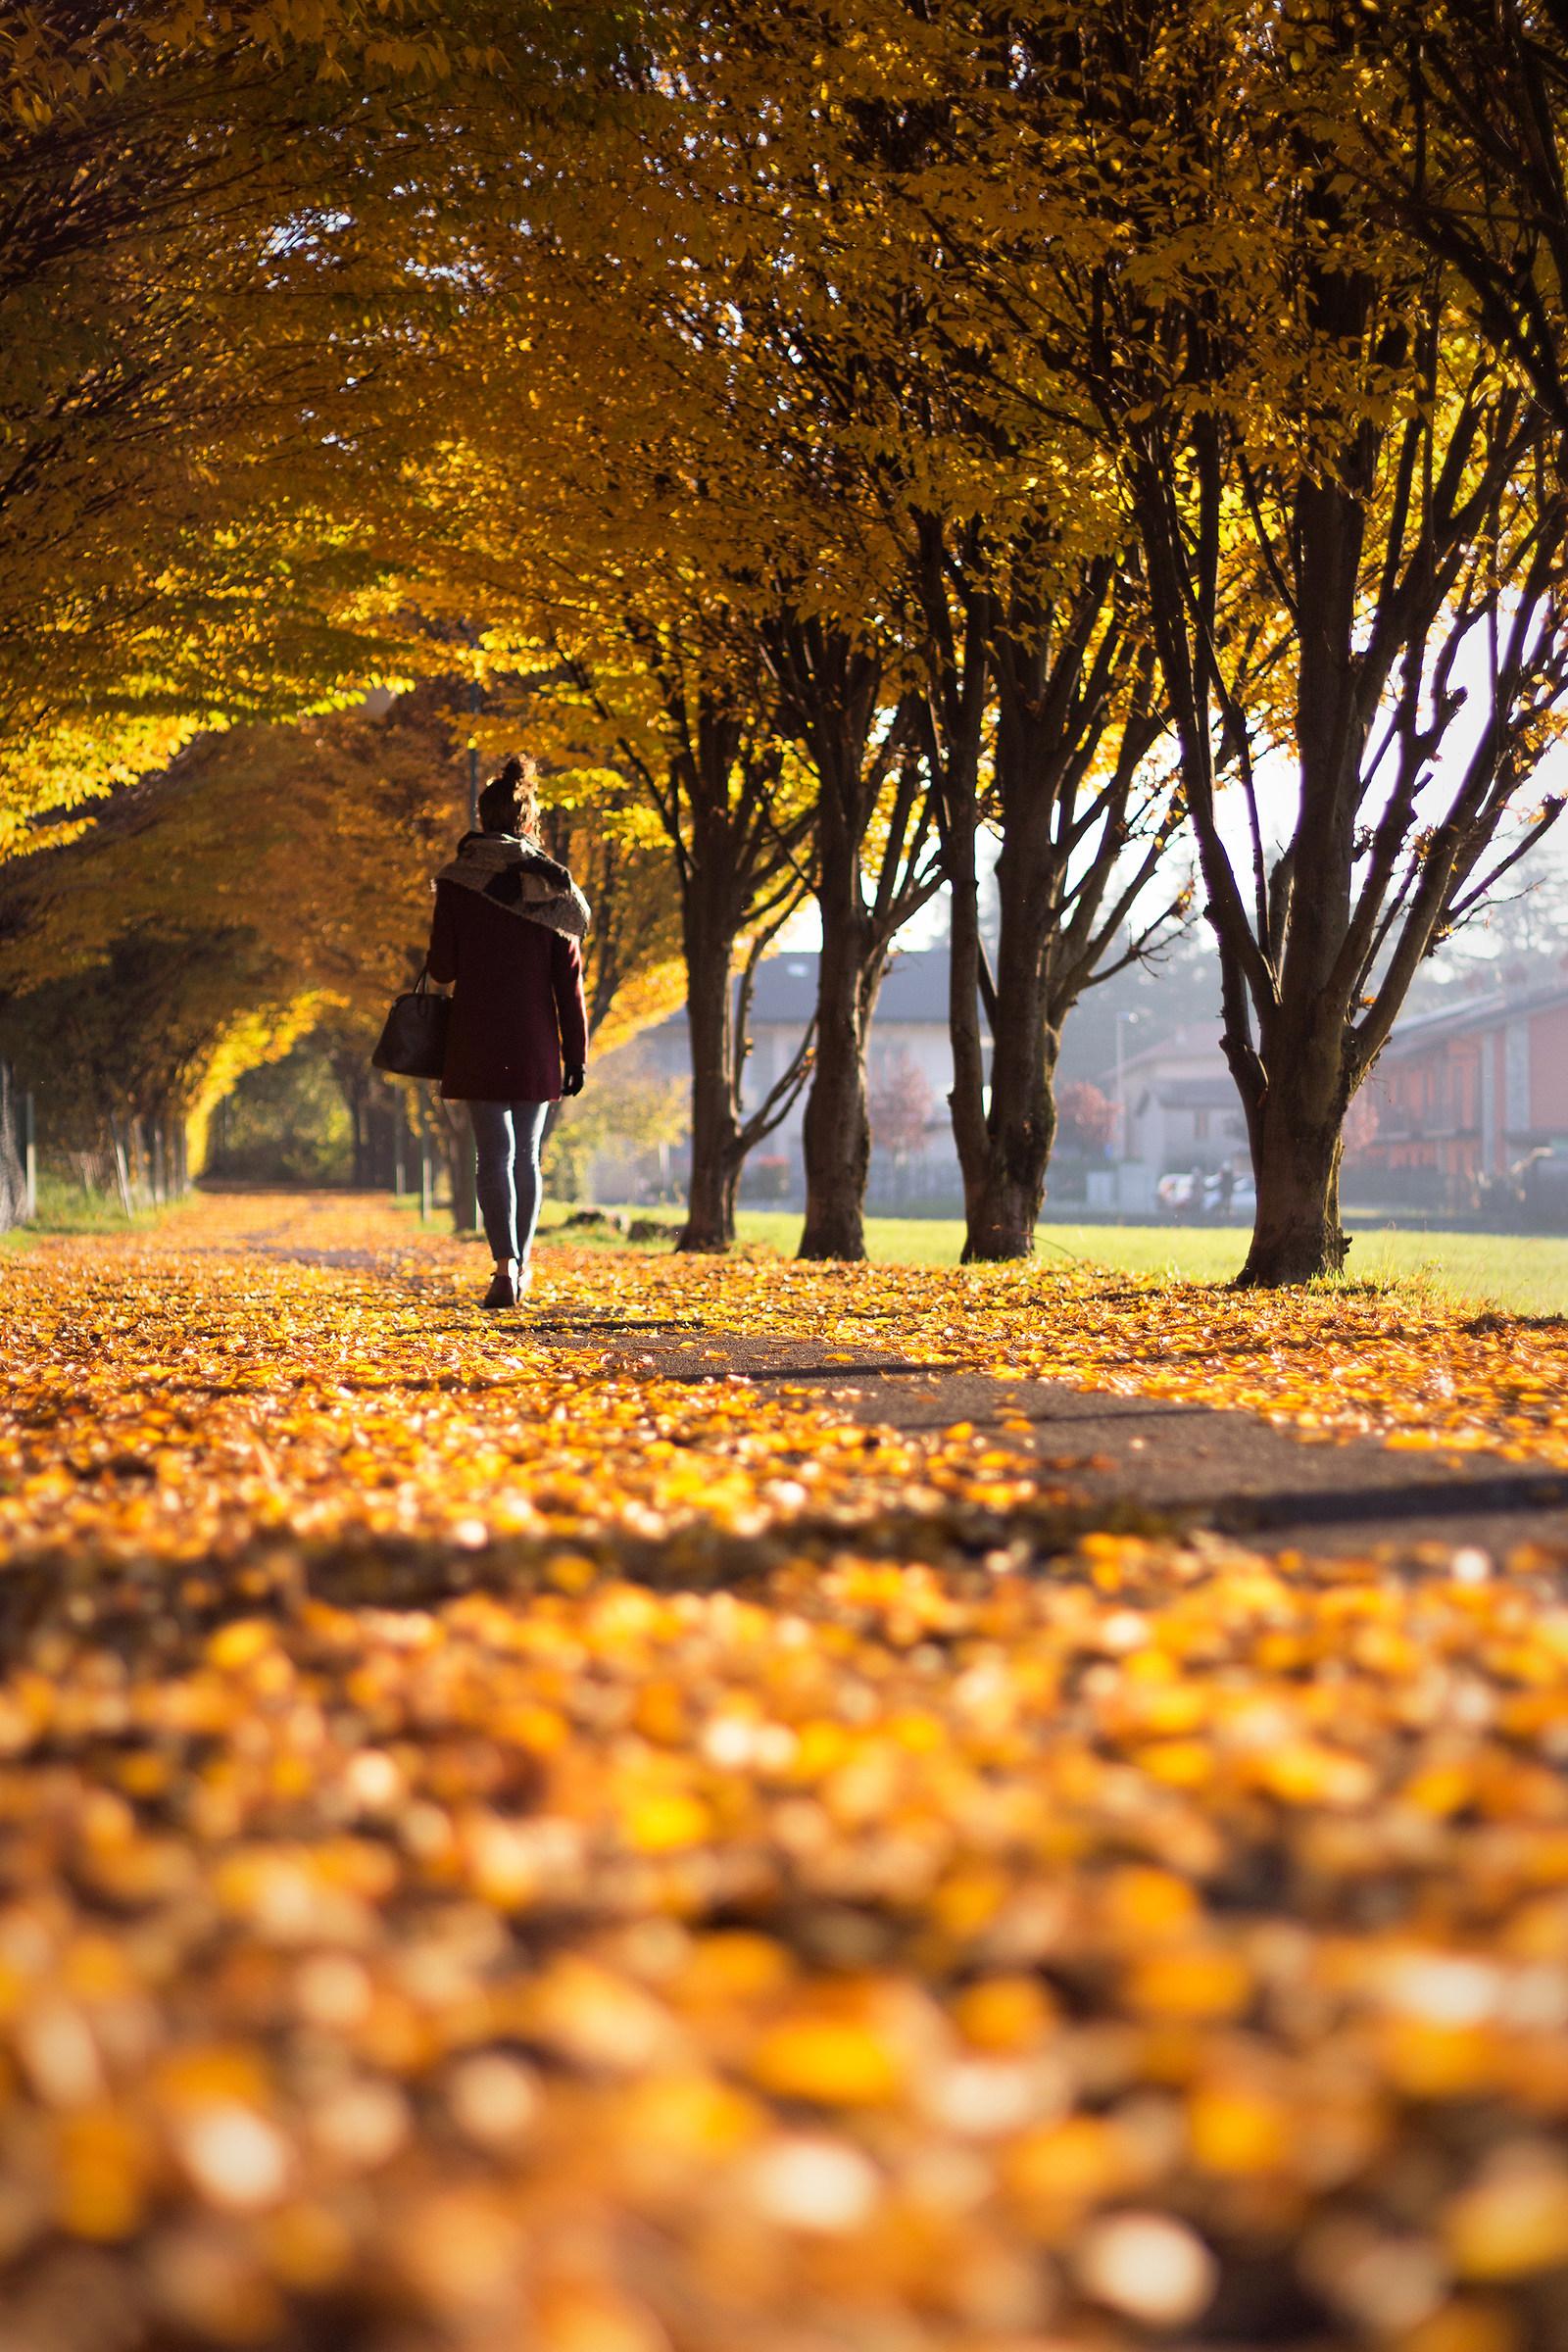 Memories of autumn...